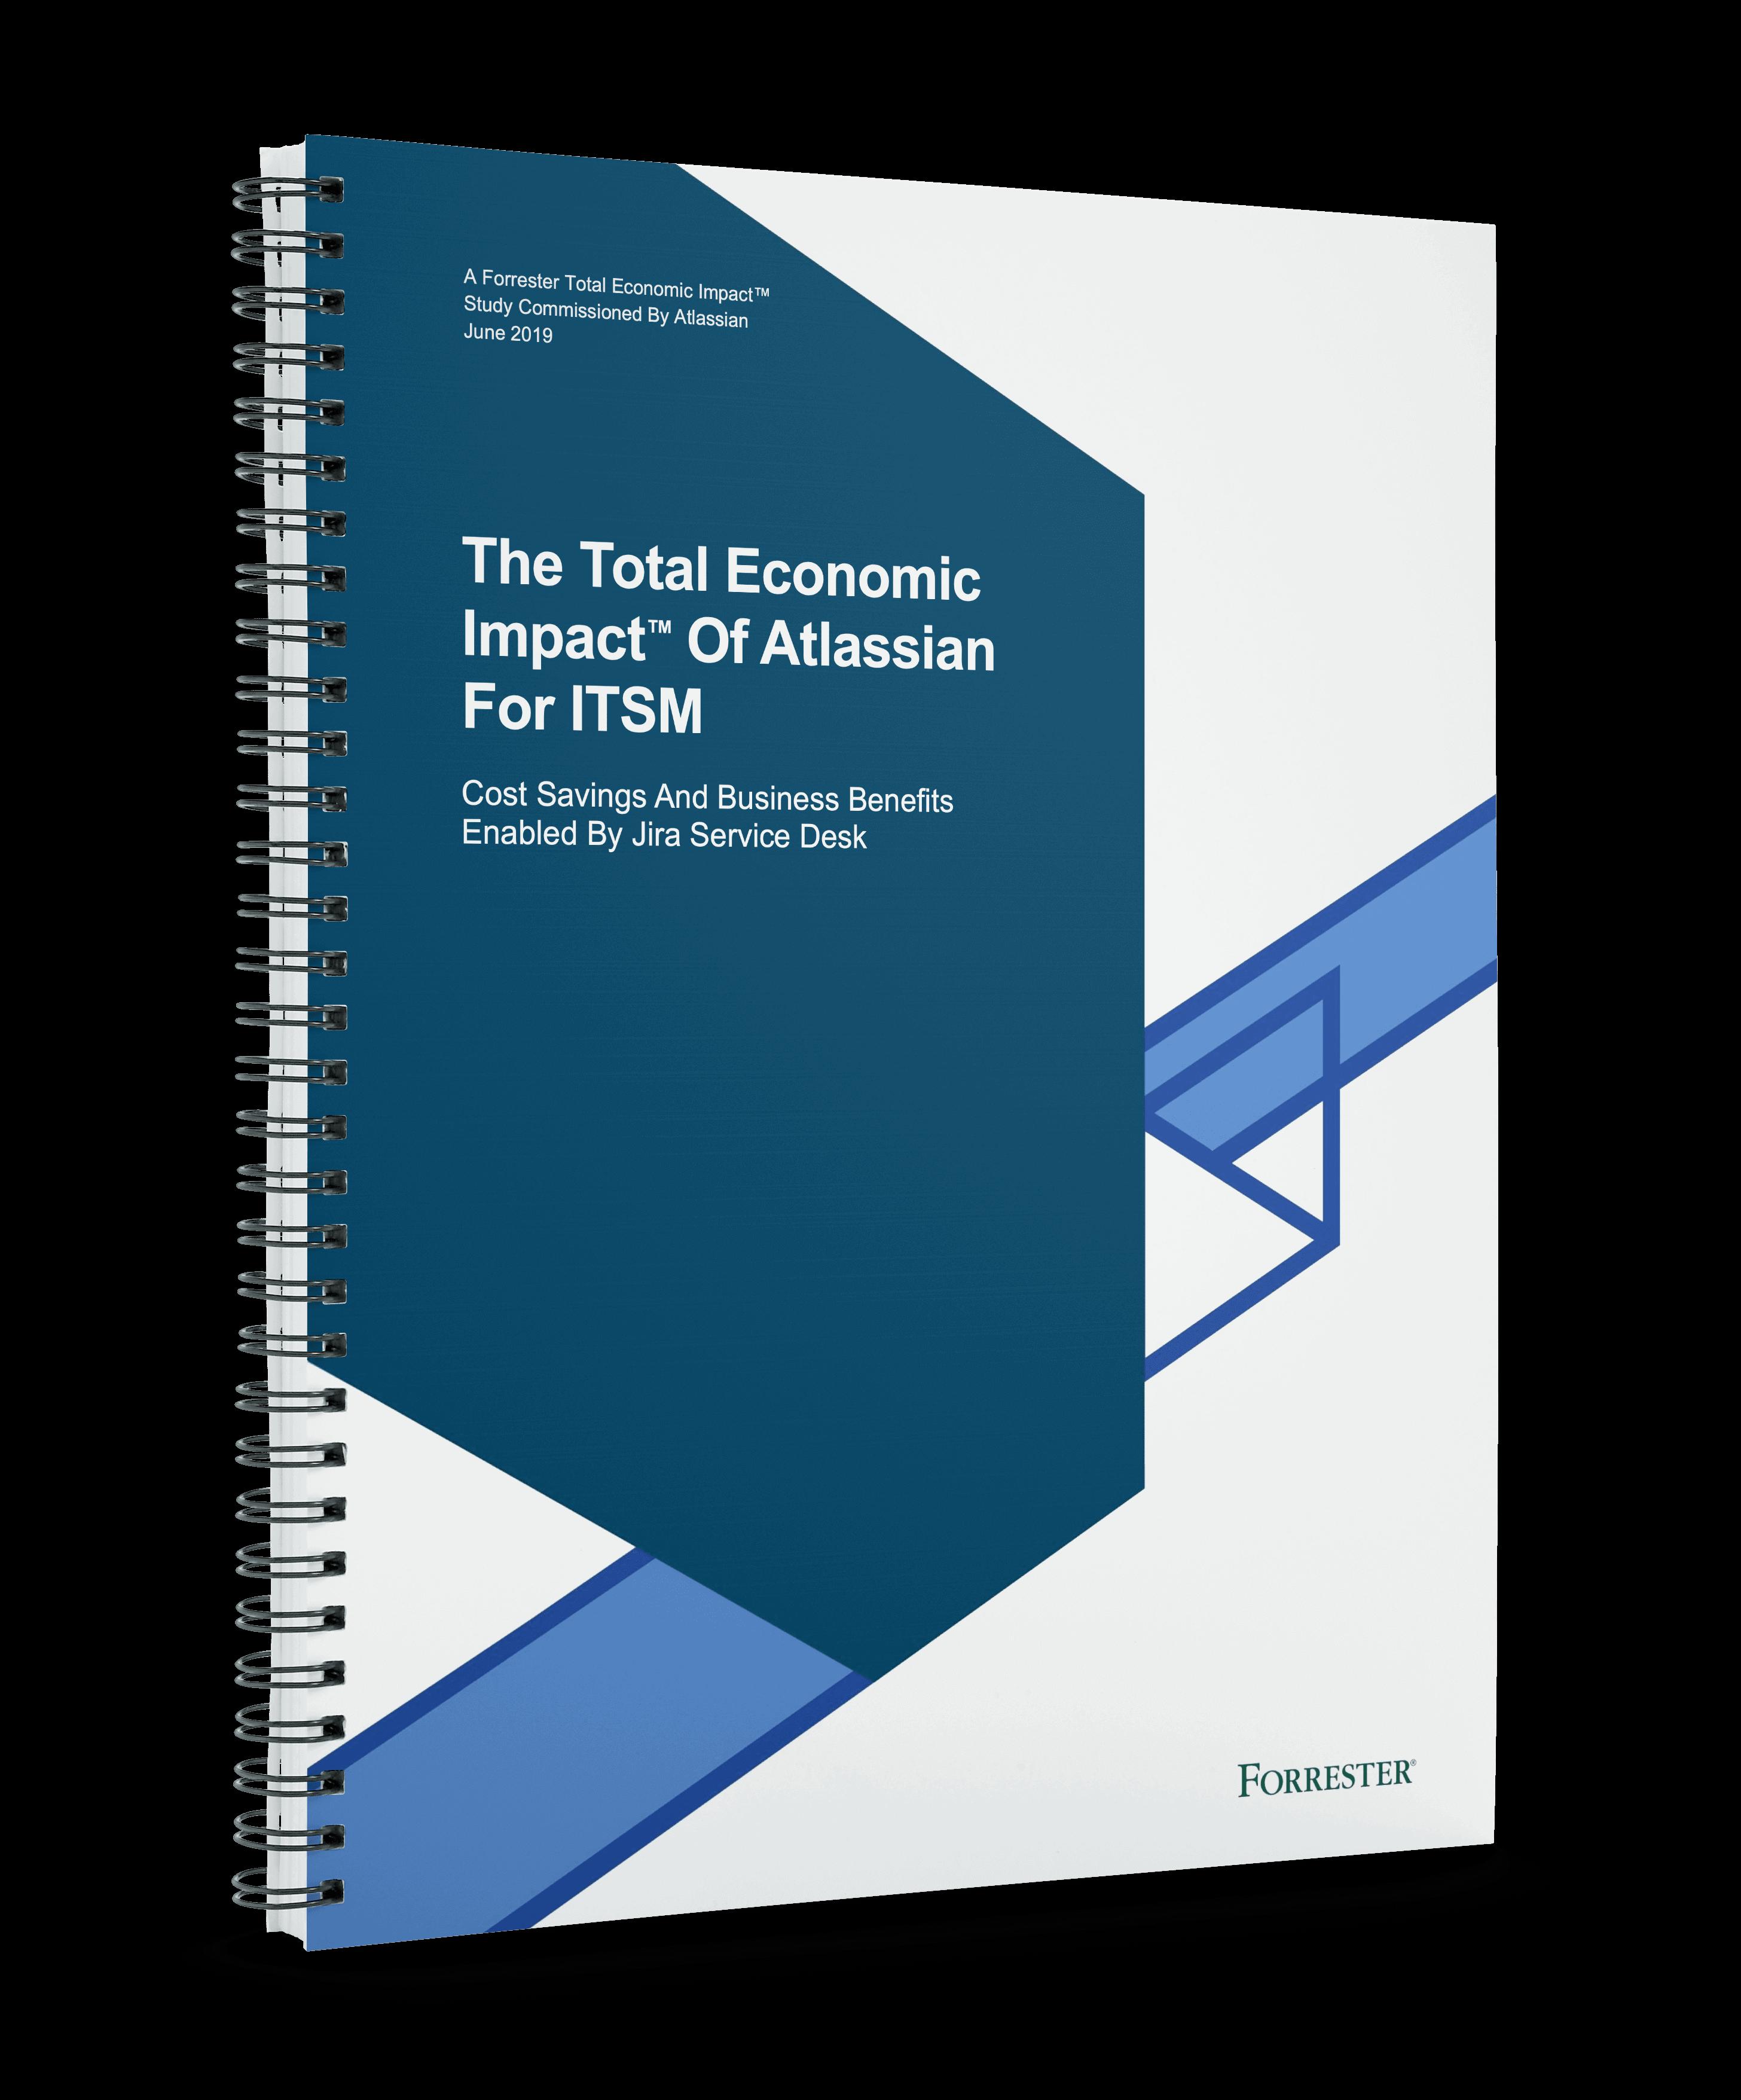 Совокупный экономический эффект (Total Economic Impact™) ITSM-решения Atlassian, рассчитанный по методологии Forrester